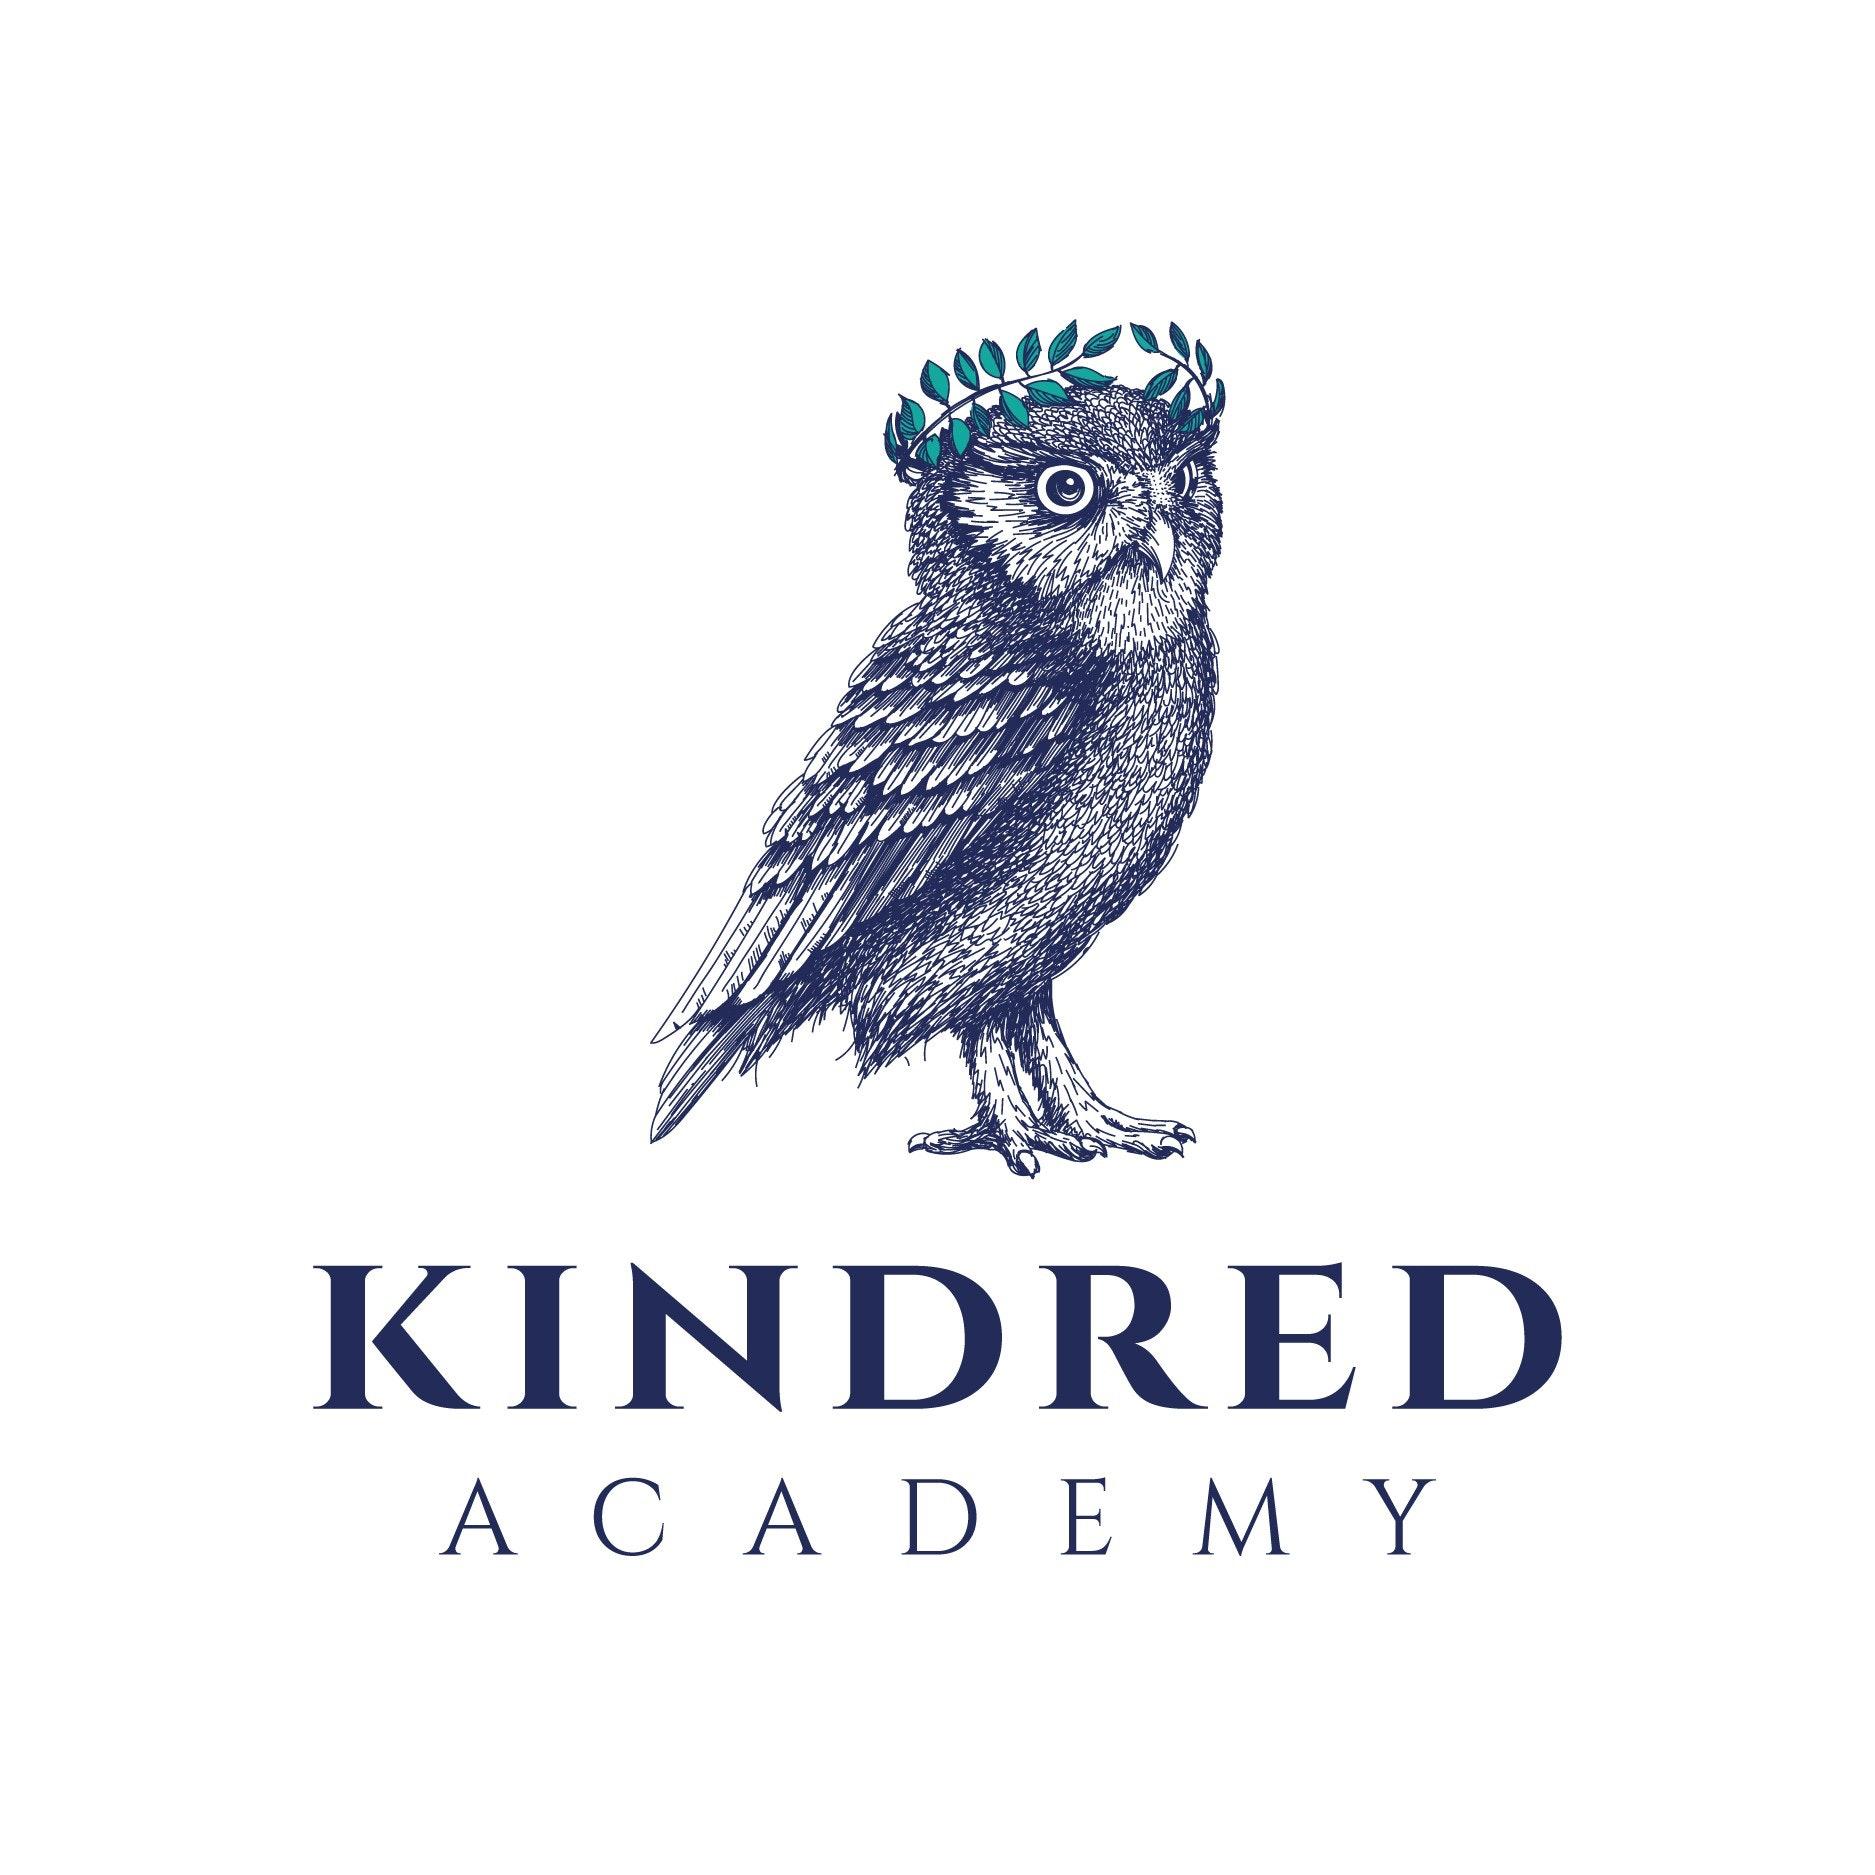 Kindred academy owl logo